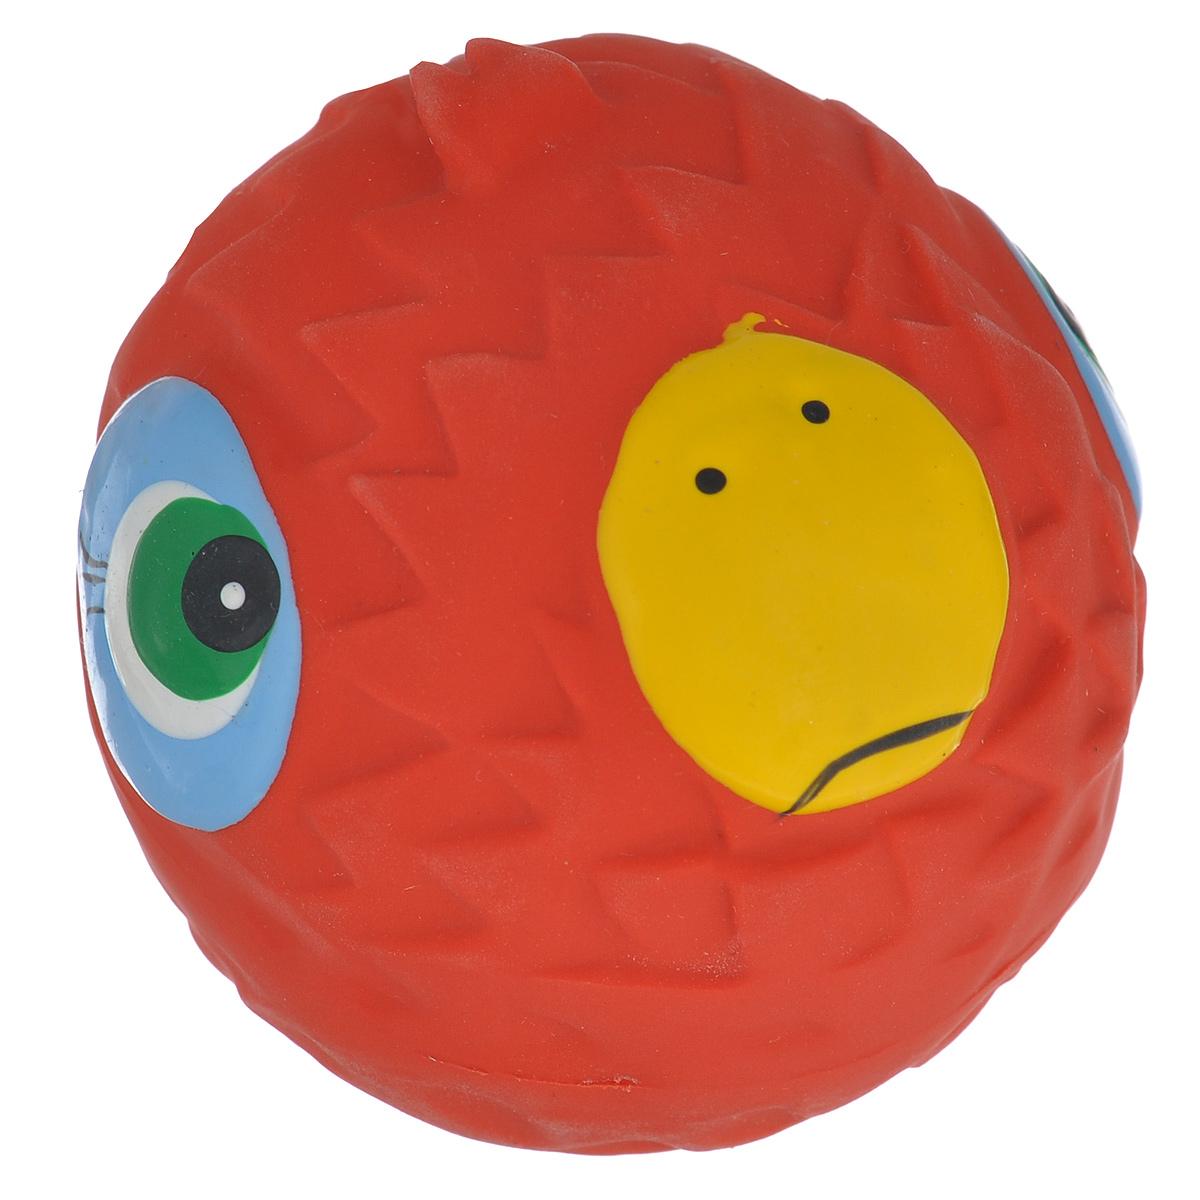 Игрушка для собак Beeztees Мяч с мордочкой, цвет: красный16291_620560Прочная игрушка Beeztees Мяч с мордочкой изготовлена из натурального латекса с использованием только безопасных, не токсичных красителей. Великолепно подходит для игры и массажа десен вашей собаки. Игрушка не позволит скучать вашему питомцу ни дома, ни на улице. Диаметр: 7 см.